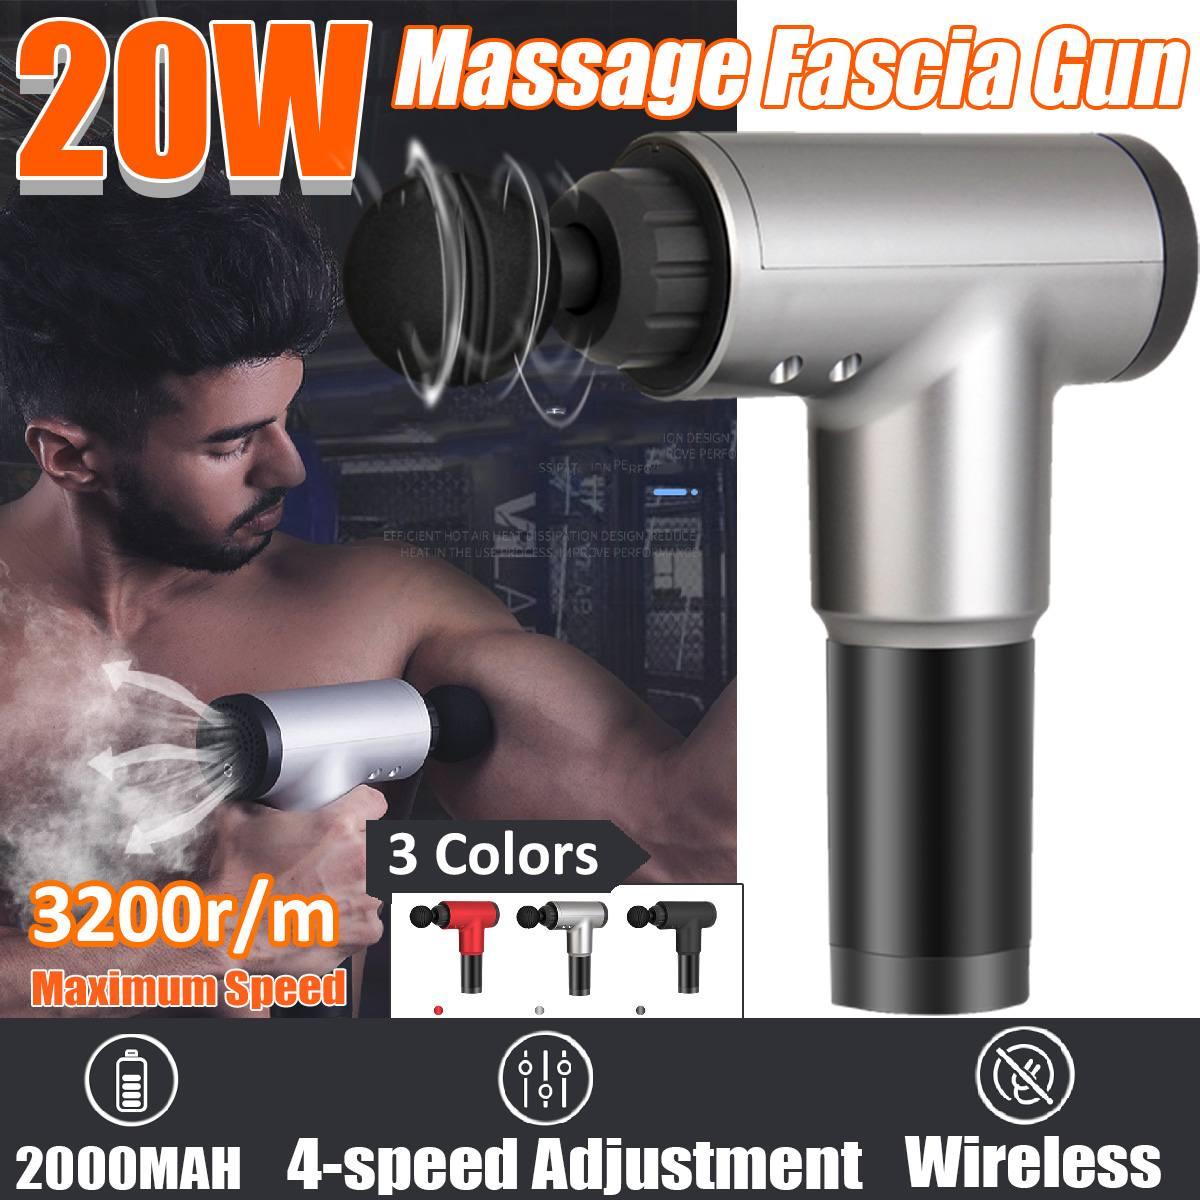 Professionelle 3200r/min Therapie Massage Guns 4 Zahnräder Muscle Massager Schmerzen Sport Massage Maschine Entspannen Körper Abnehmen Relief 4 kopf